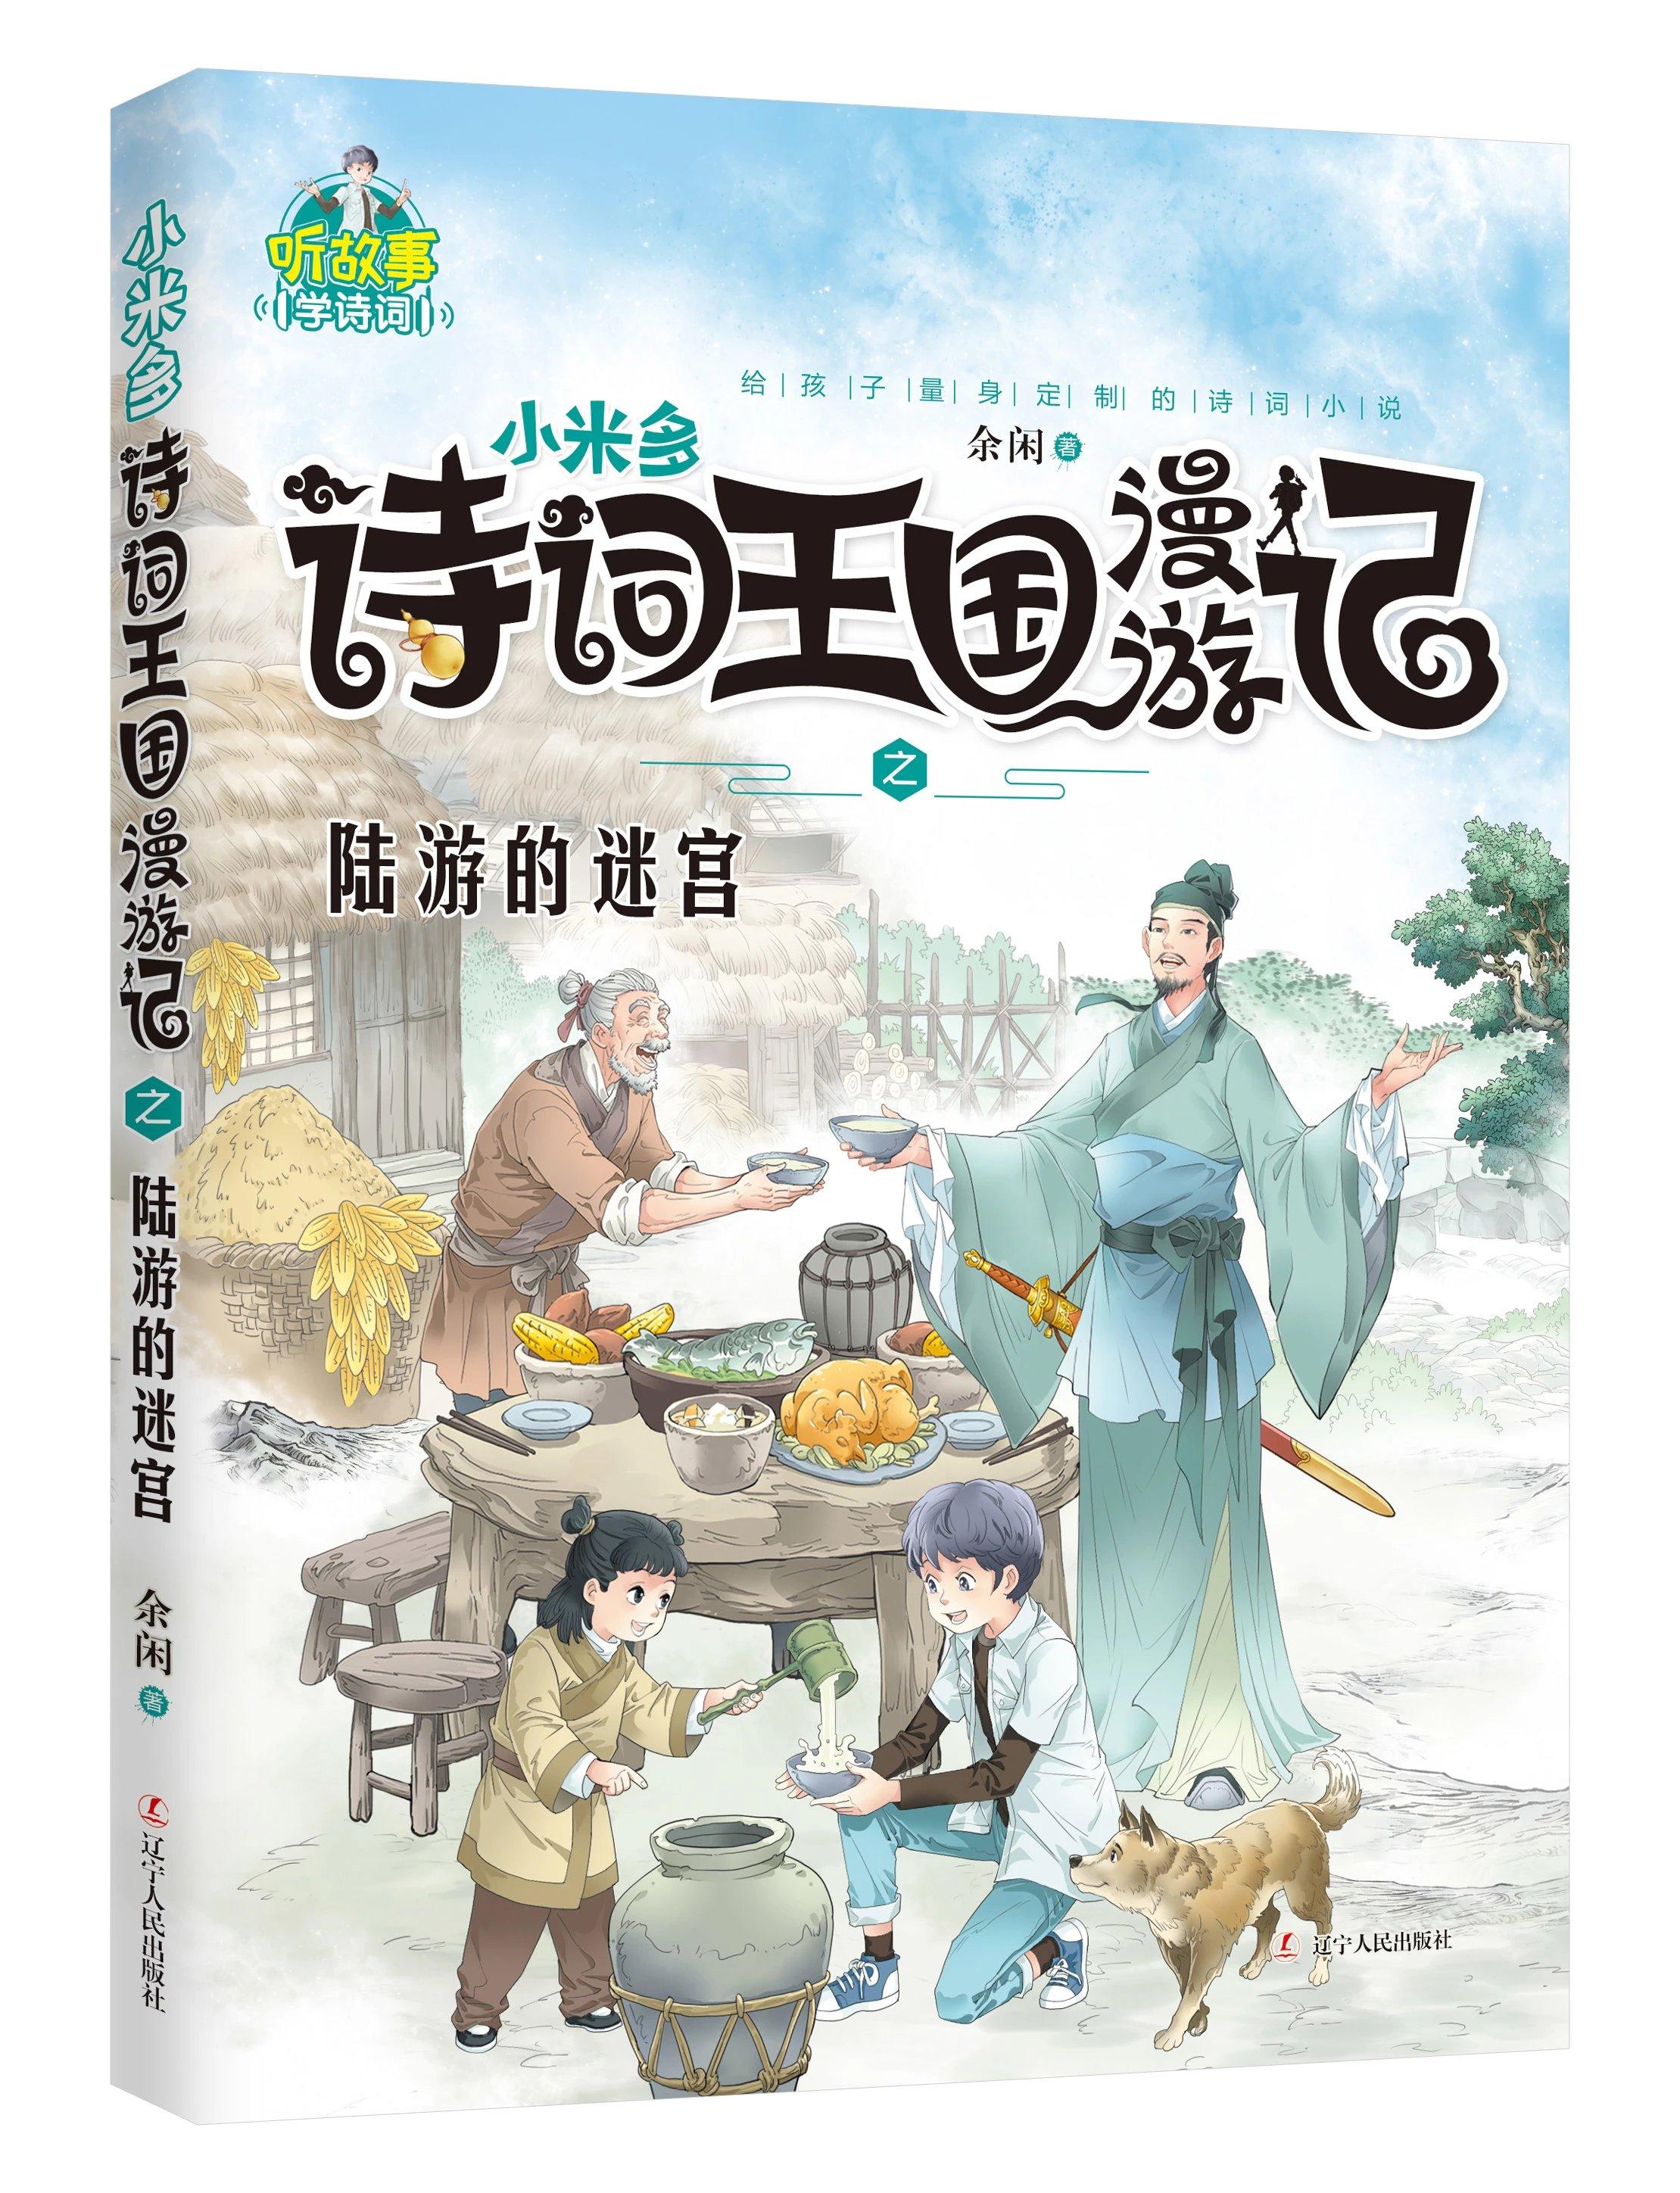 《小米多诗词王国漫游记》(共5册) 国内首部诗词儿童小说 适合6~13岁(3+可亲子阅读) 商品图5